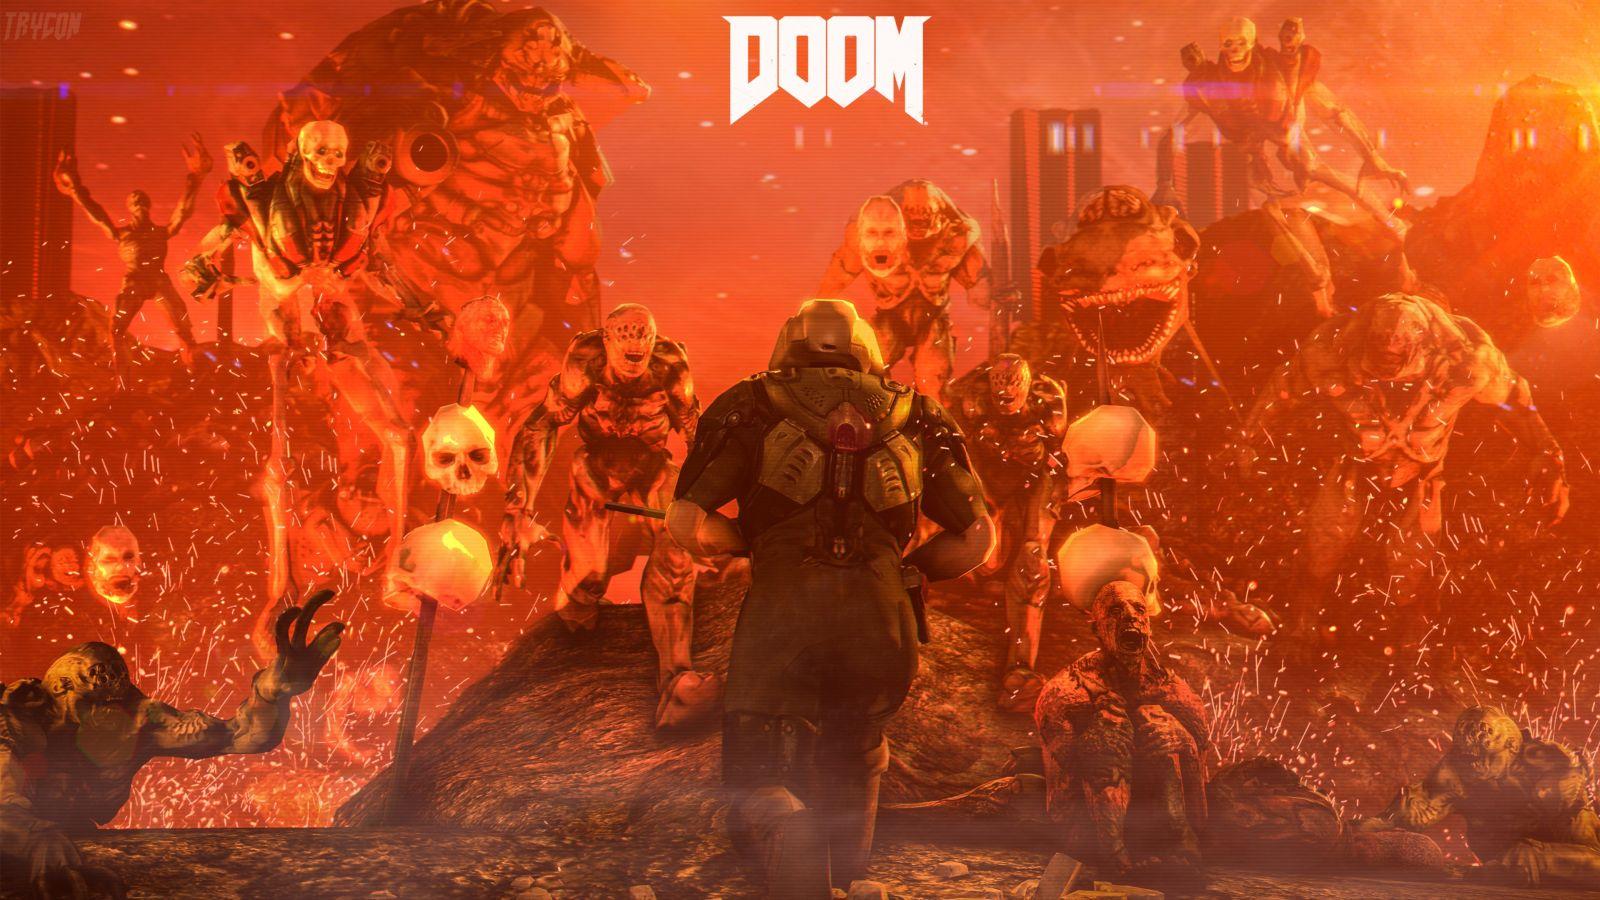 doom-4-digital-art-wallpaper